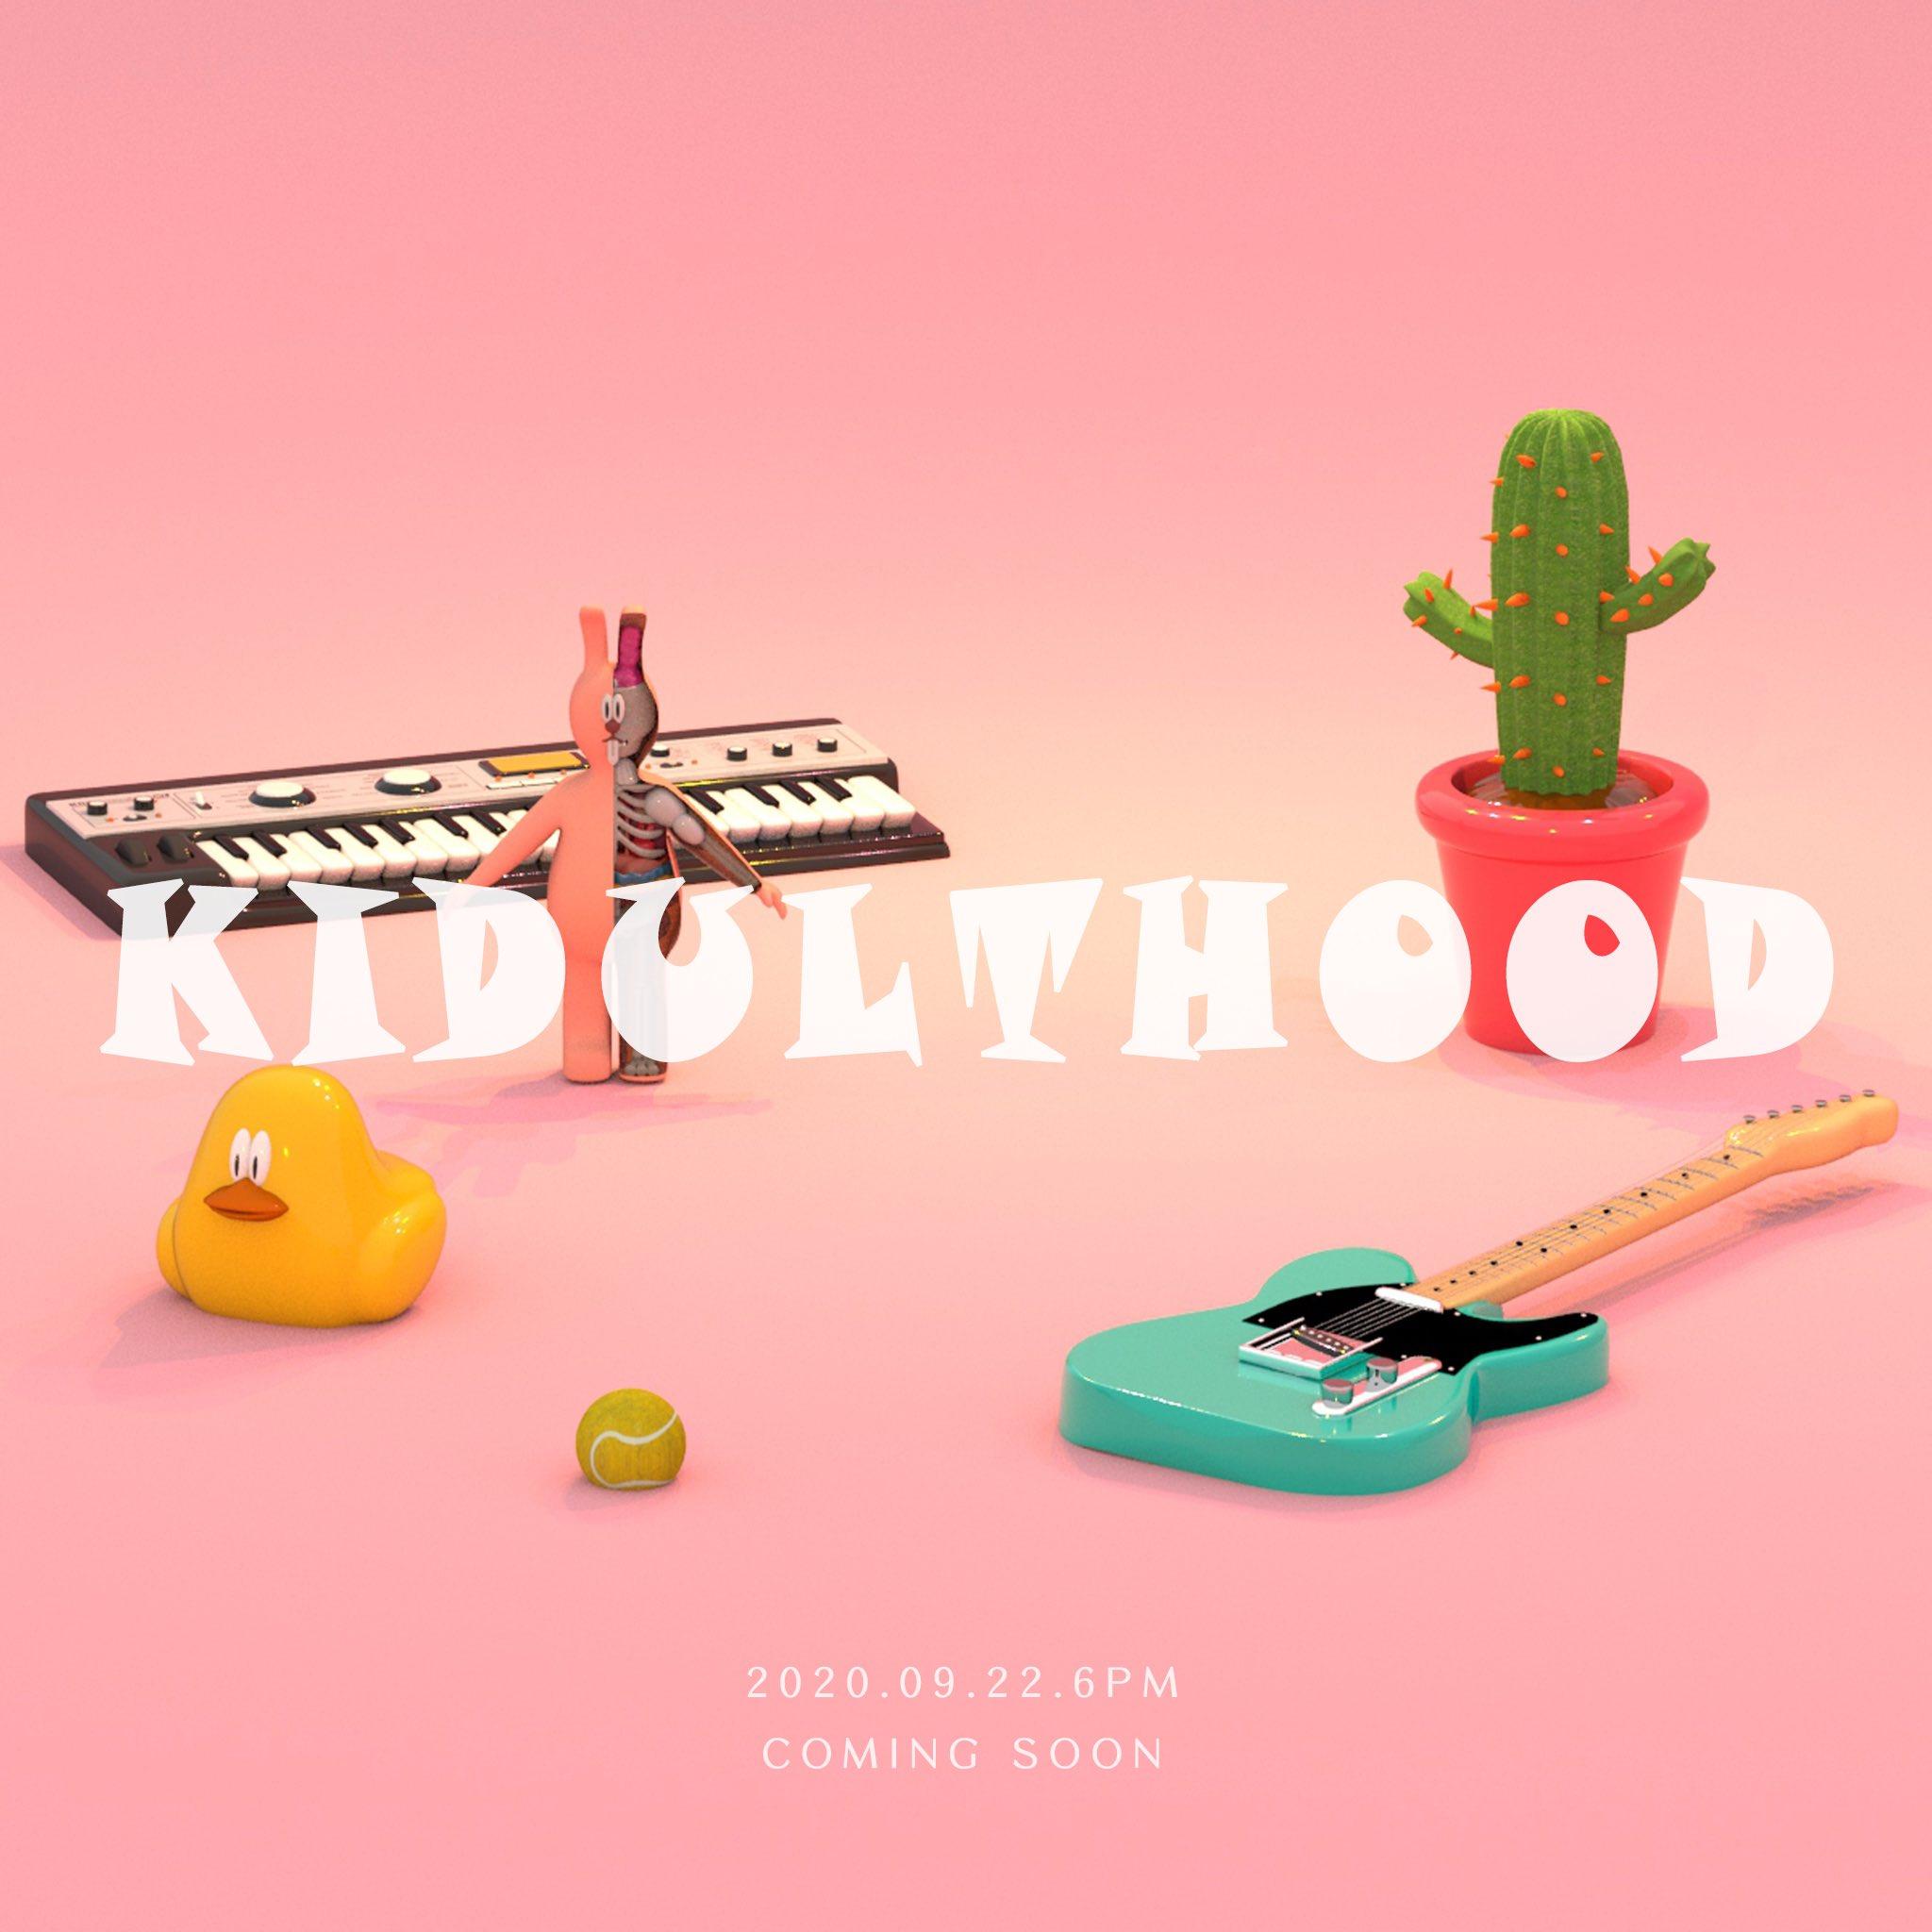 22일(화), Xydo(시도) 더블 싱글 앨범 'KIDULTHOOD' 발매 | 인스티즈